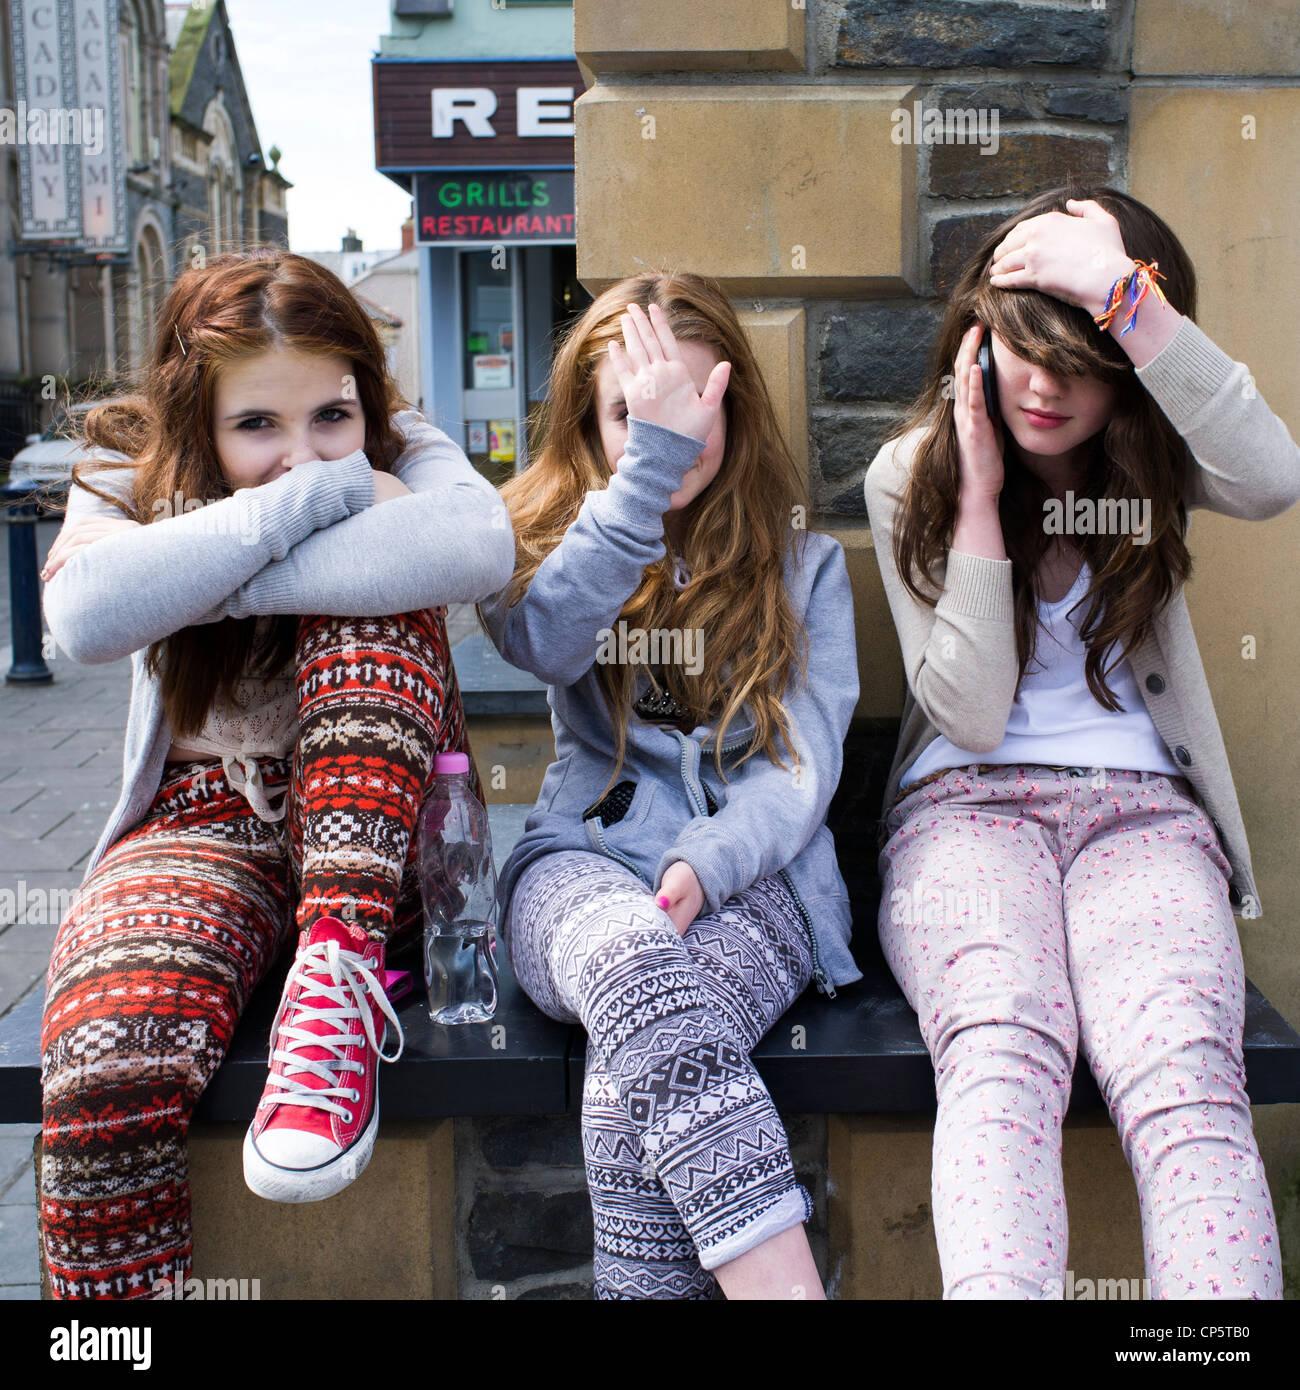 Tres chicas adolescentes sentados juntos fuera al aire libre, , los tres monos sabios - no hablar, no ver, no oír Imagen De Stock